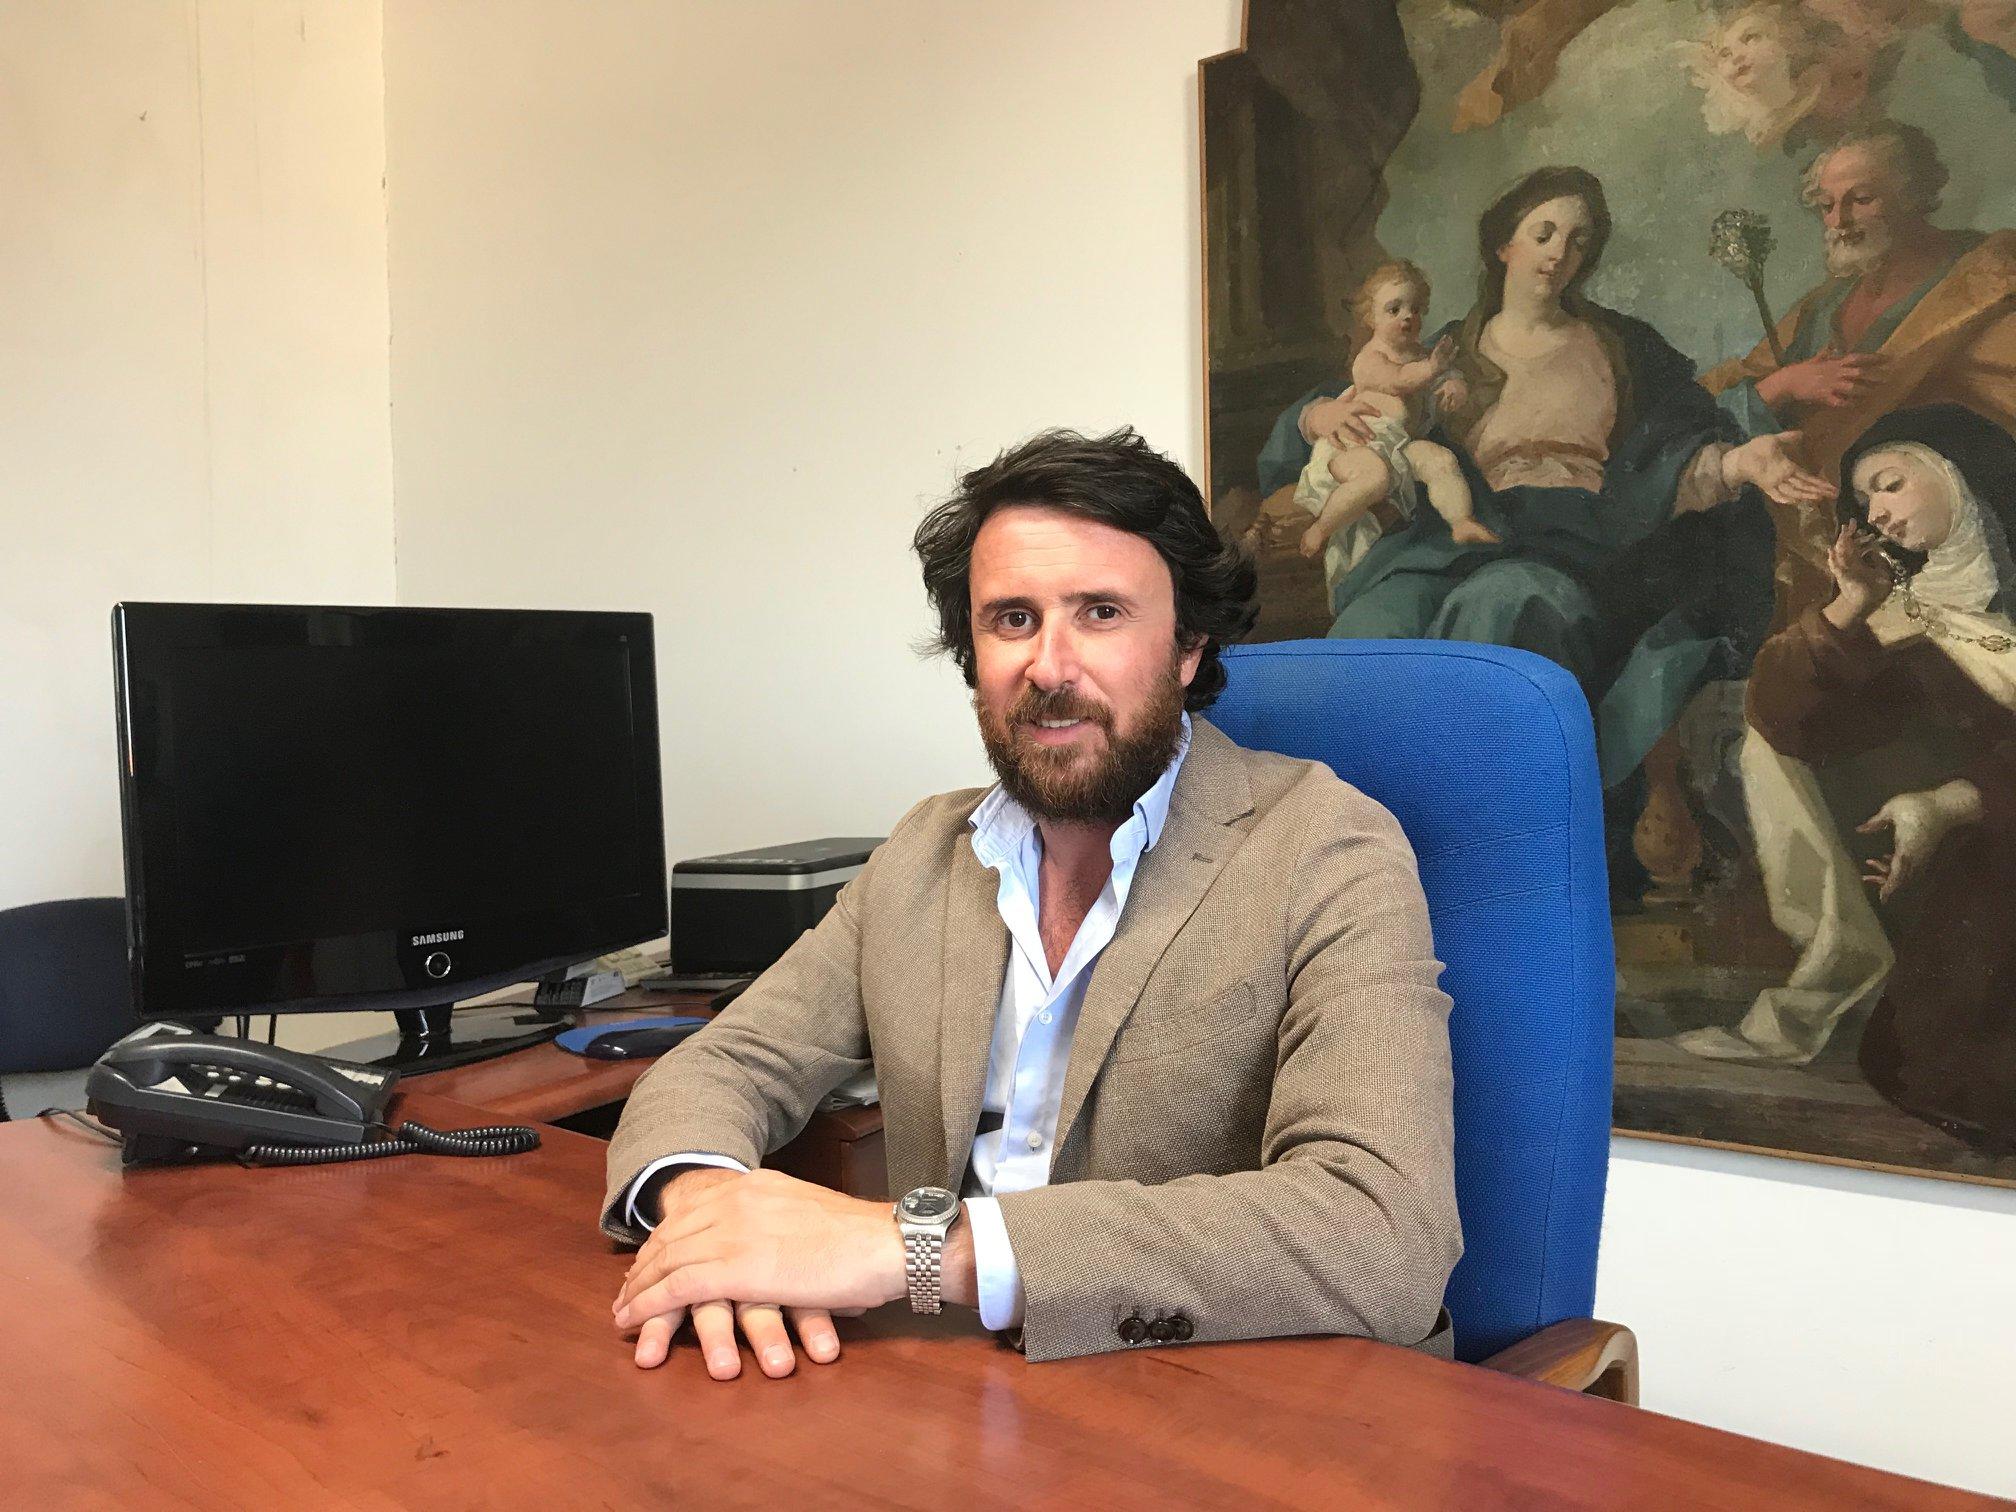 Viterbo-Comune: turismo, cultura, De Carolis non può fare miracoli, servono idee, autori nuovi format, la minestra riscaldata non funziona più